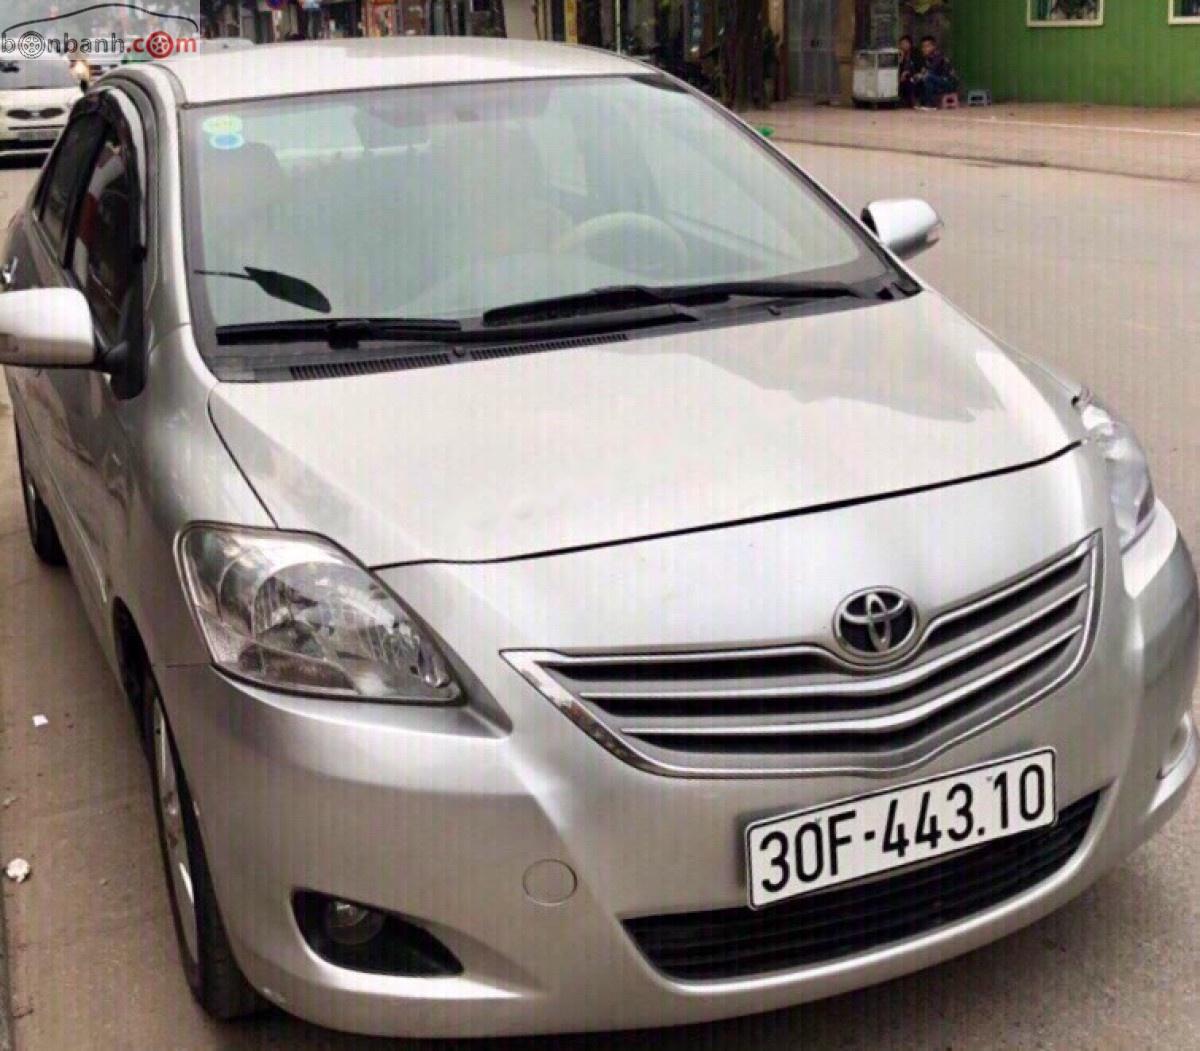 Cần bán xe Toyota Vios E đời 2010, màu bạc số sàn, giá tốt